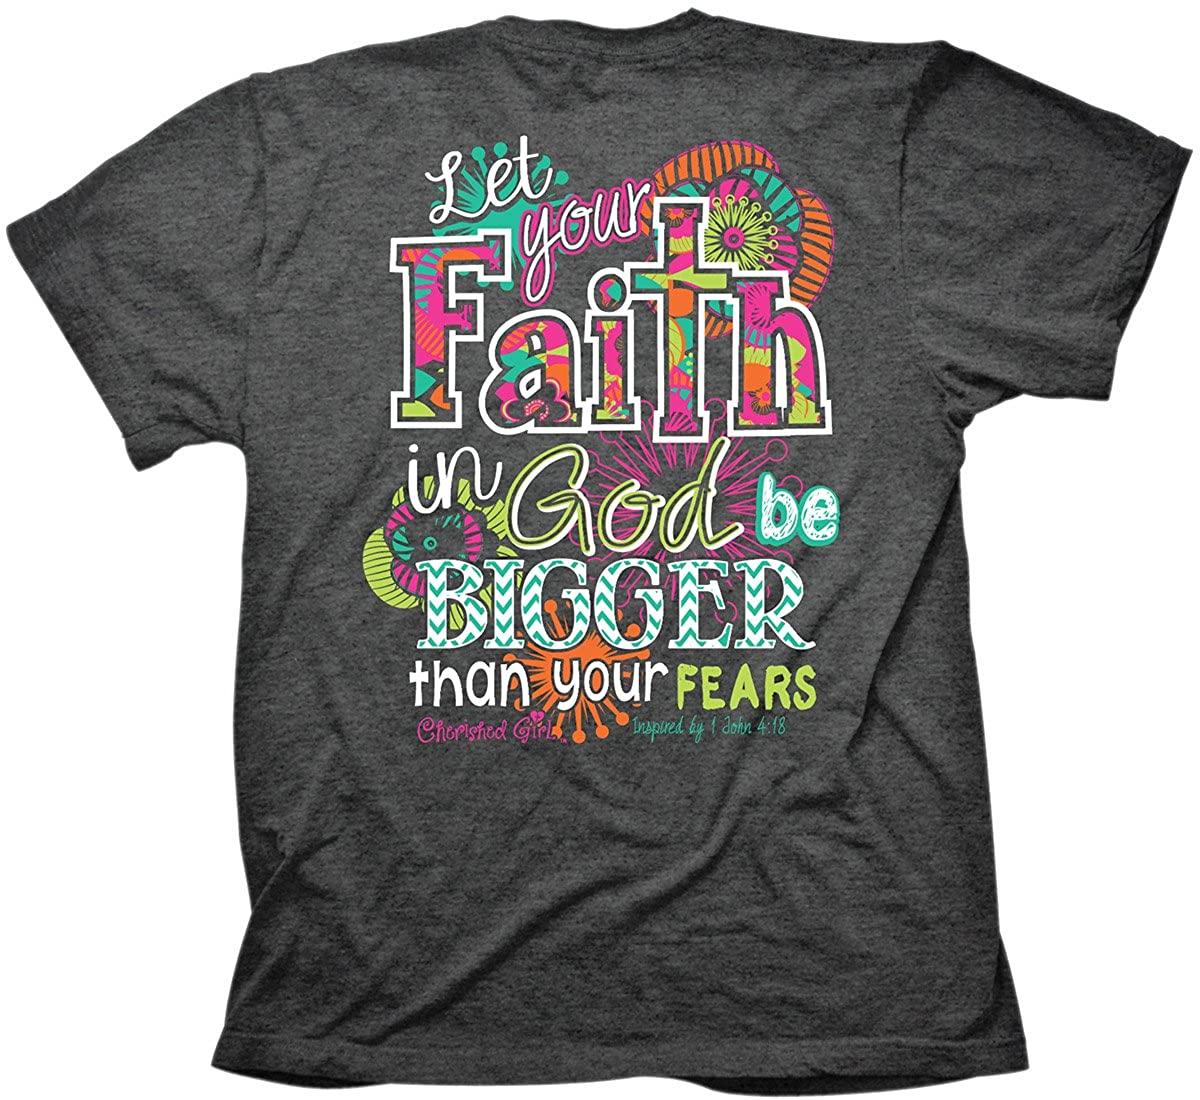 Big Faith T-Shirt for Women & Girls - Grey Christian Fashion Clothing Gifts